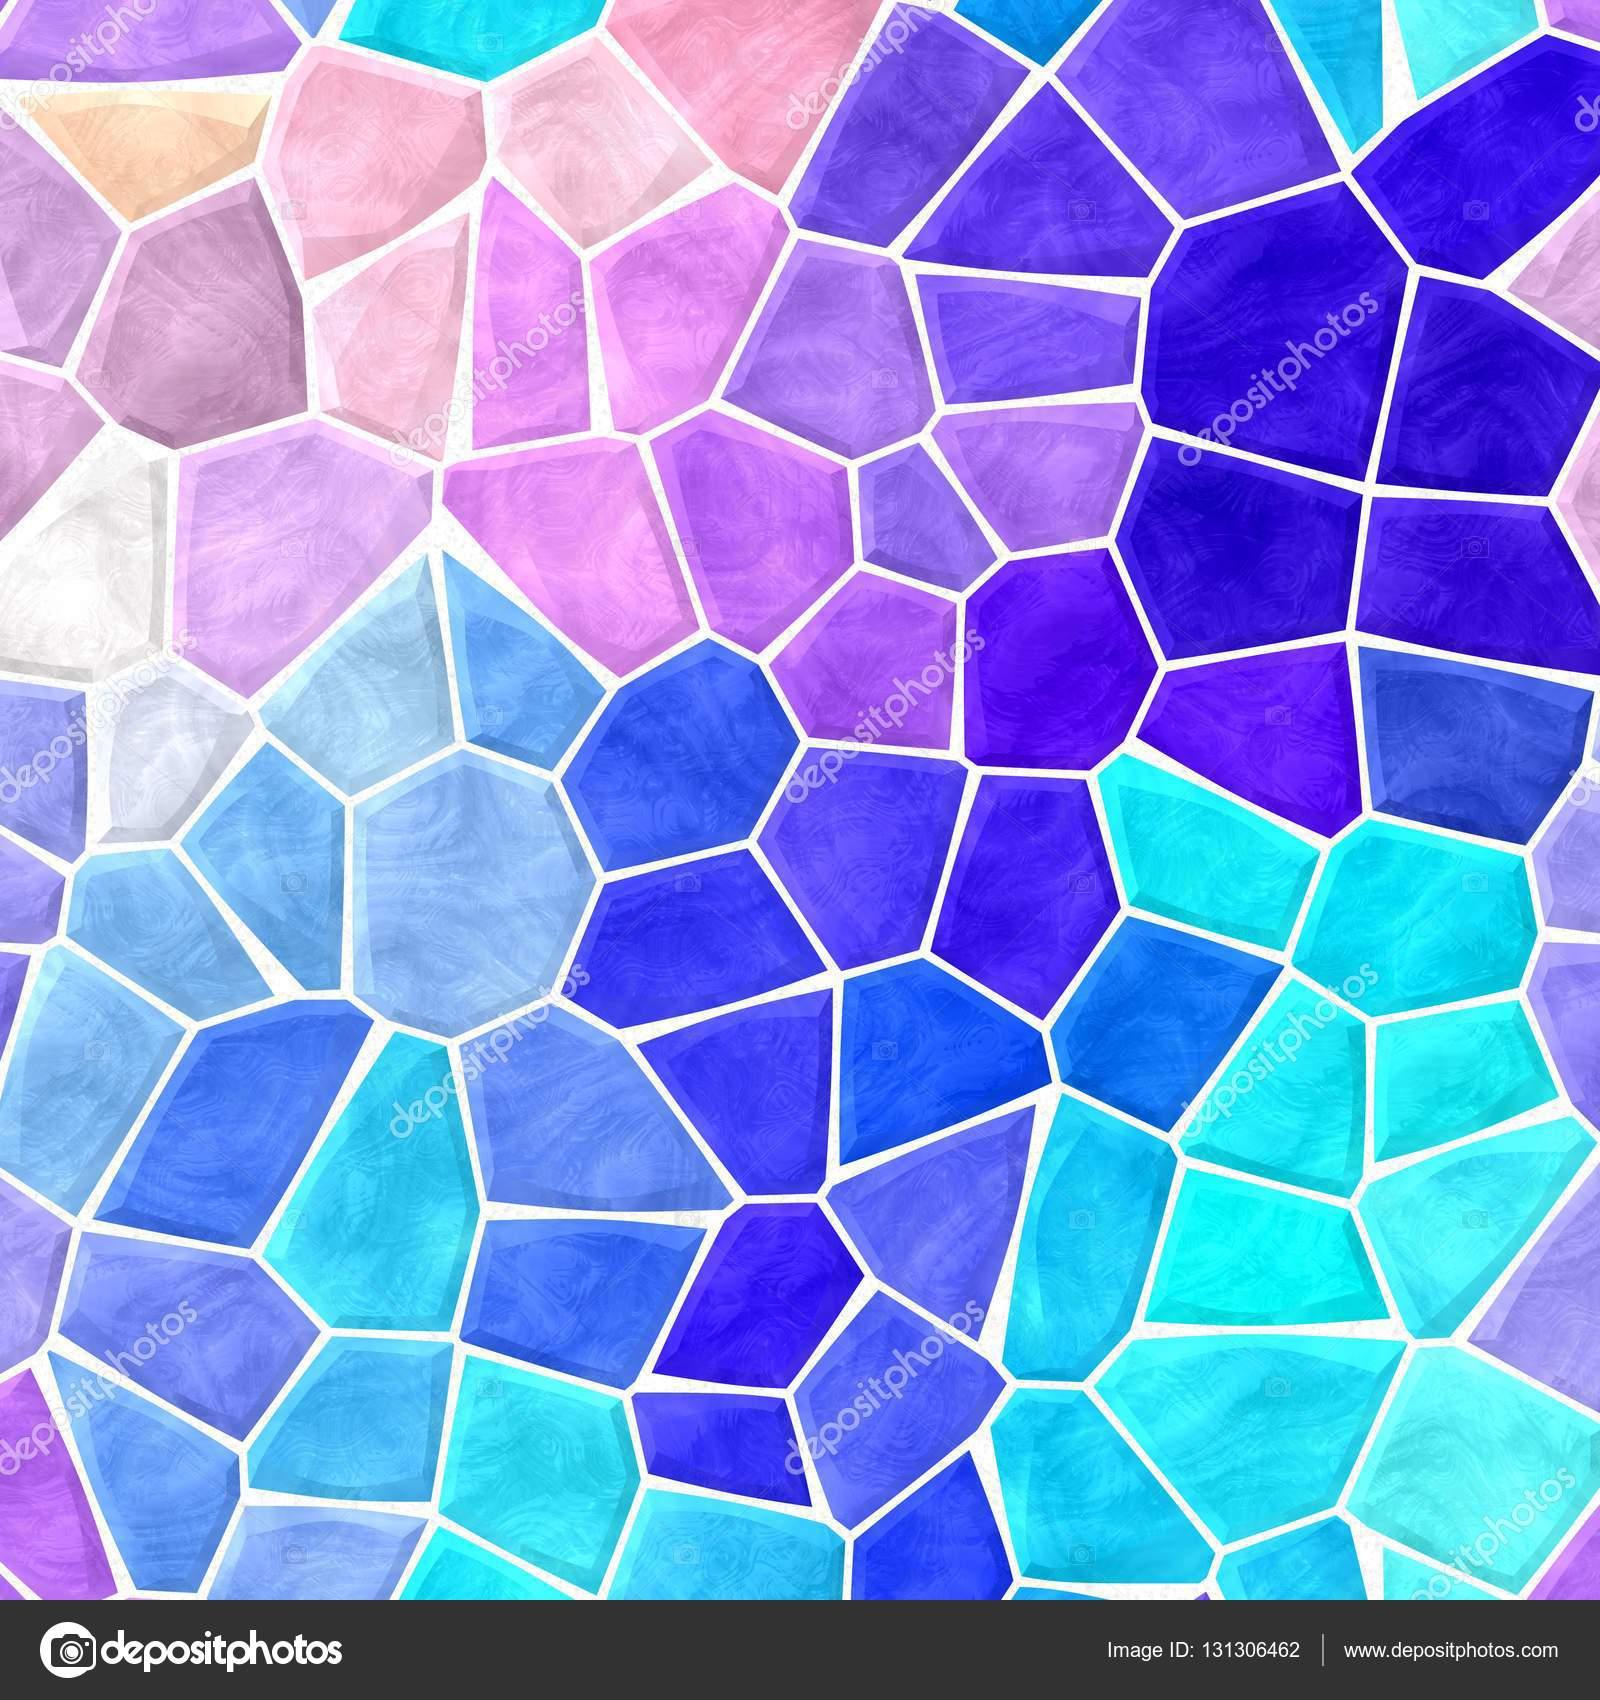 Mosaico de colores simple la nasa muestra un colorido umosaicou del sol simple mosaico - Mosaico de colores ...